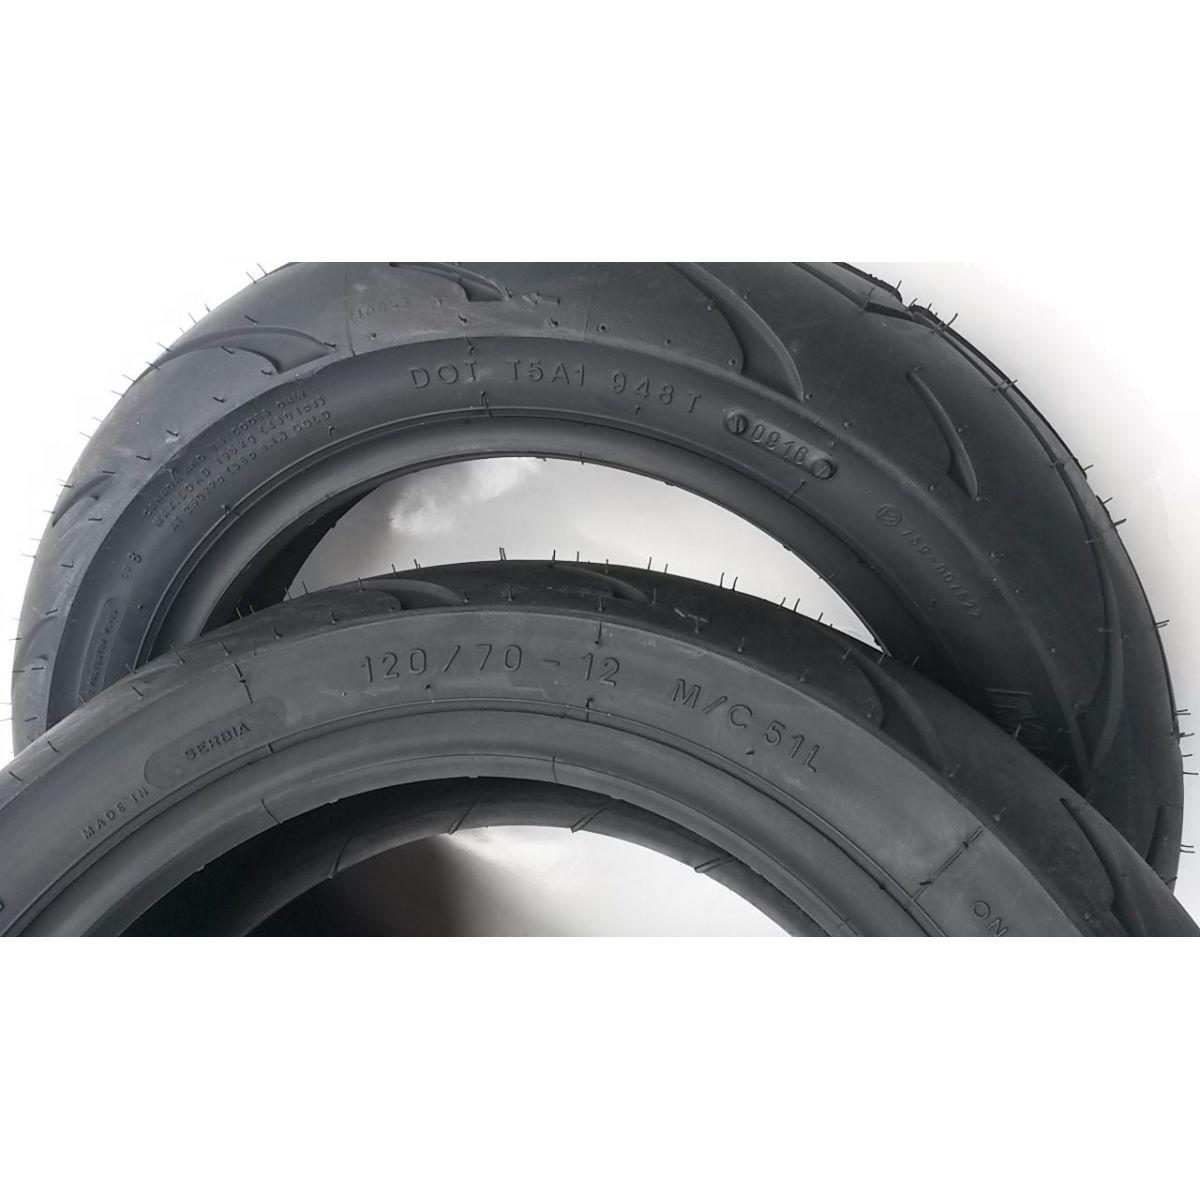 Pneumatico Michelin Bopper 120 70 12